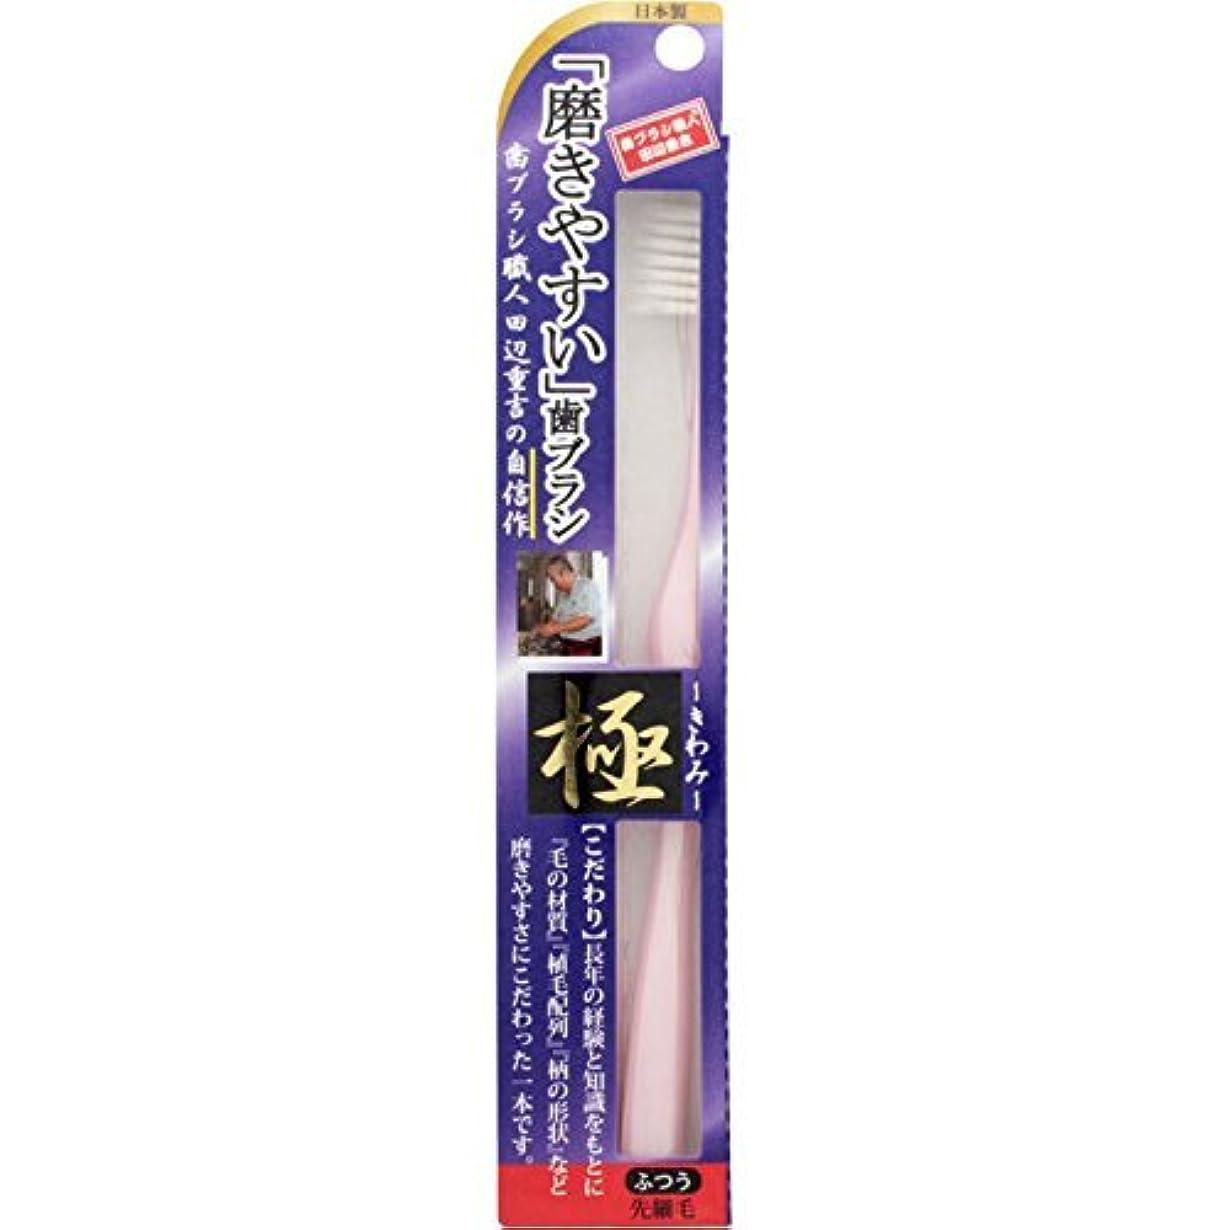 不屈論理的に反発する【まとめ買い】磨きやすい歯ブラシ 極 LT-22 ×2個